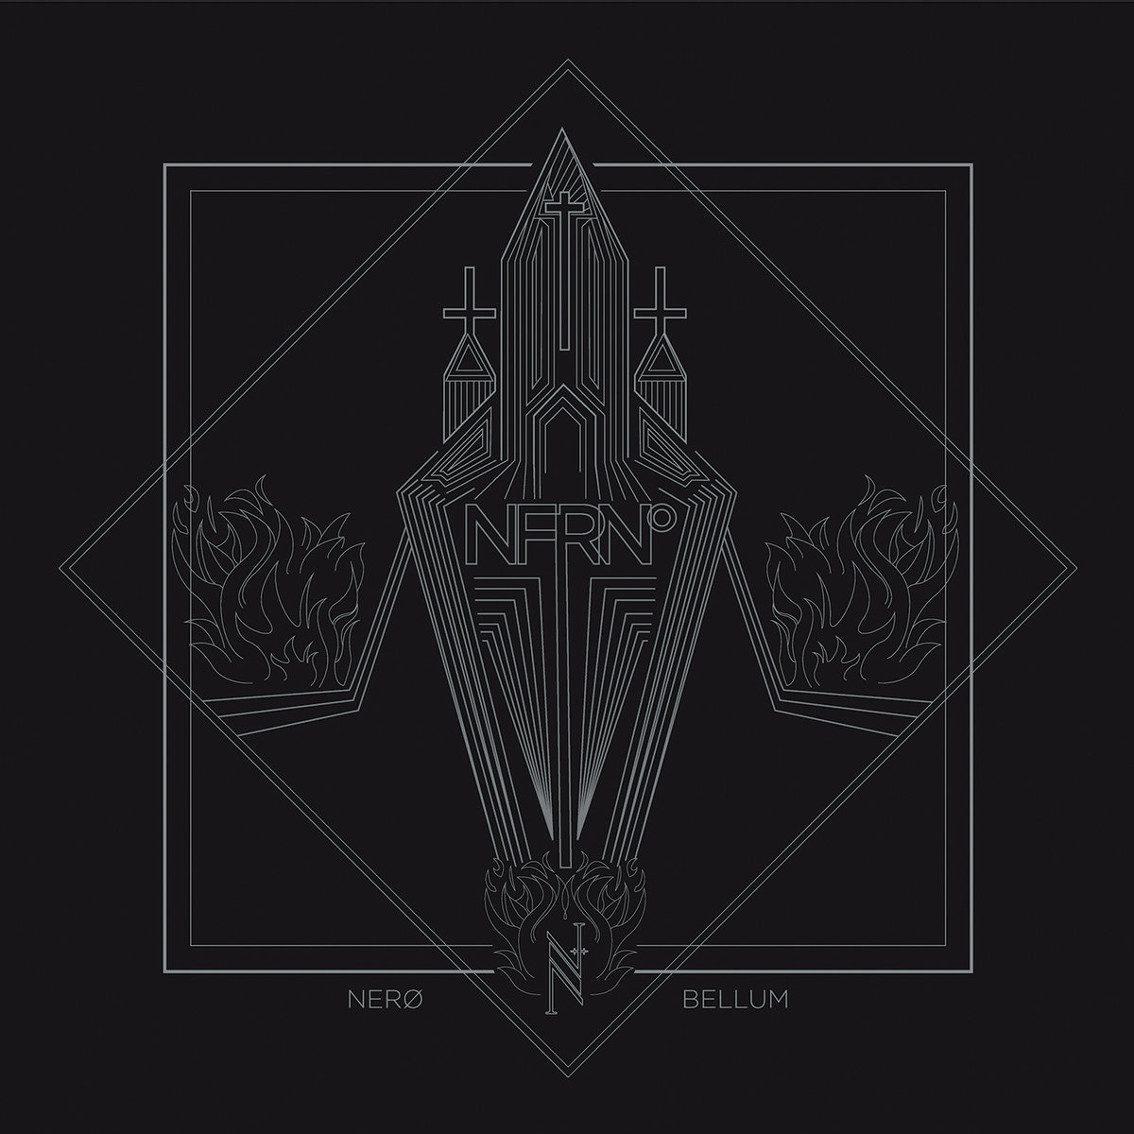 Psyclon Nine vocalist Nero Bellum releasing solo album